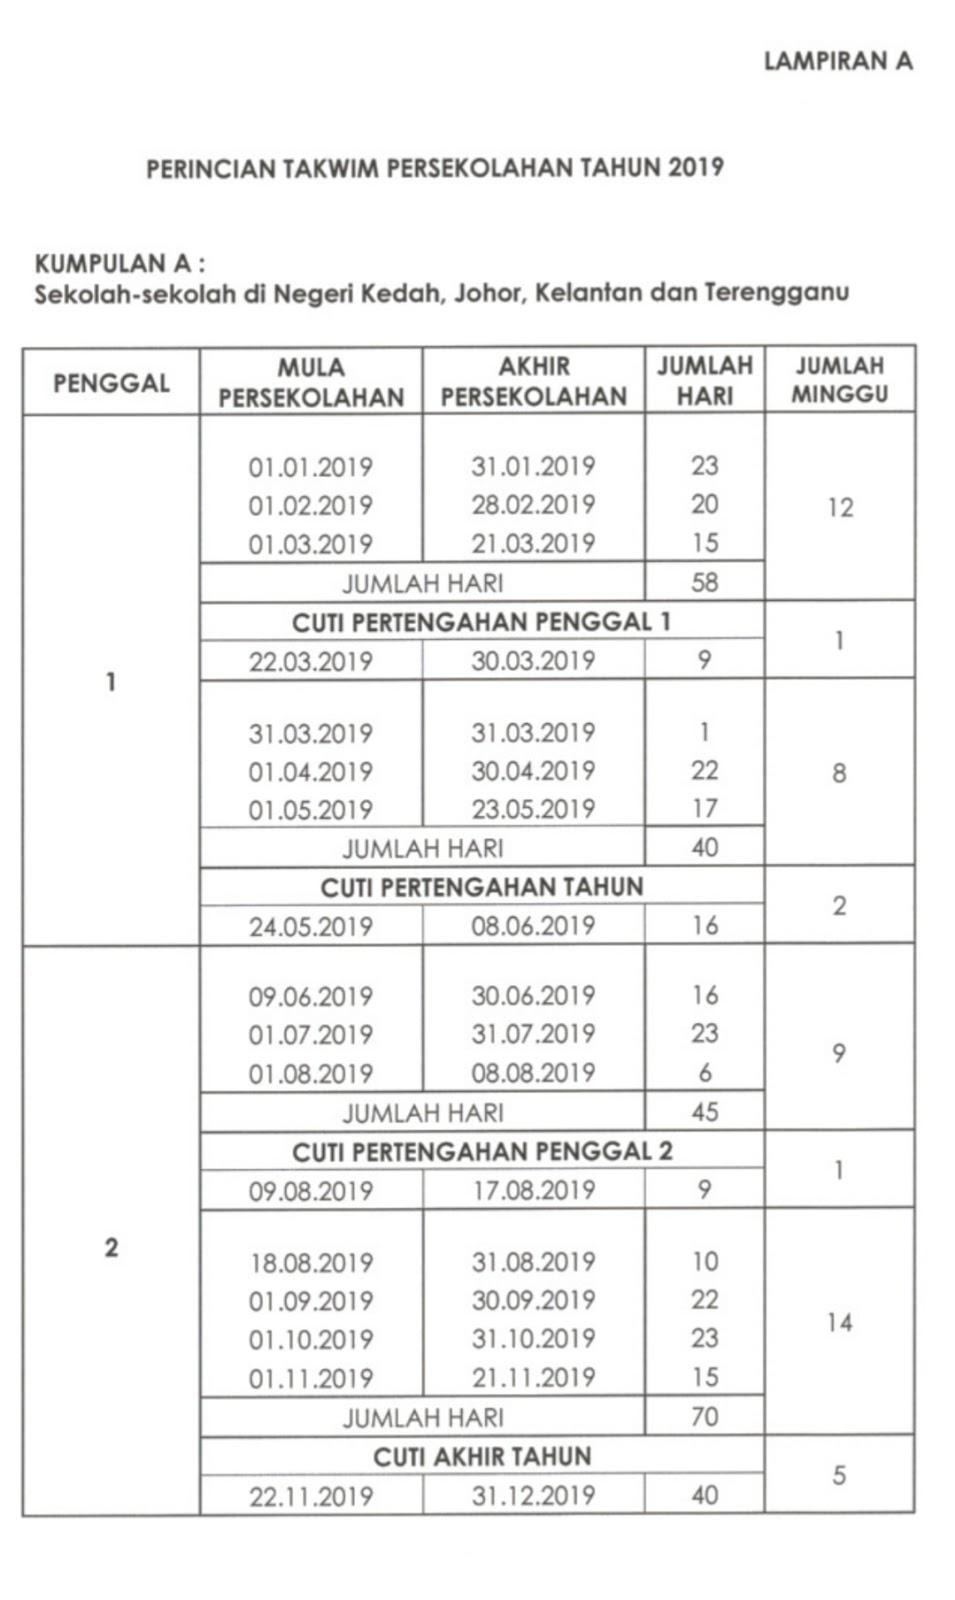 Takwim Penggal Dan Cuti Persekolah Tahun 2019 bagi Kumpulan A aiaitu sekolah-sekolah di negeri Kedah, Johor, Kelantan dan Terengganu